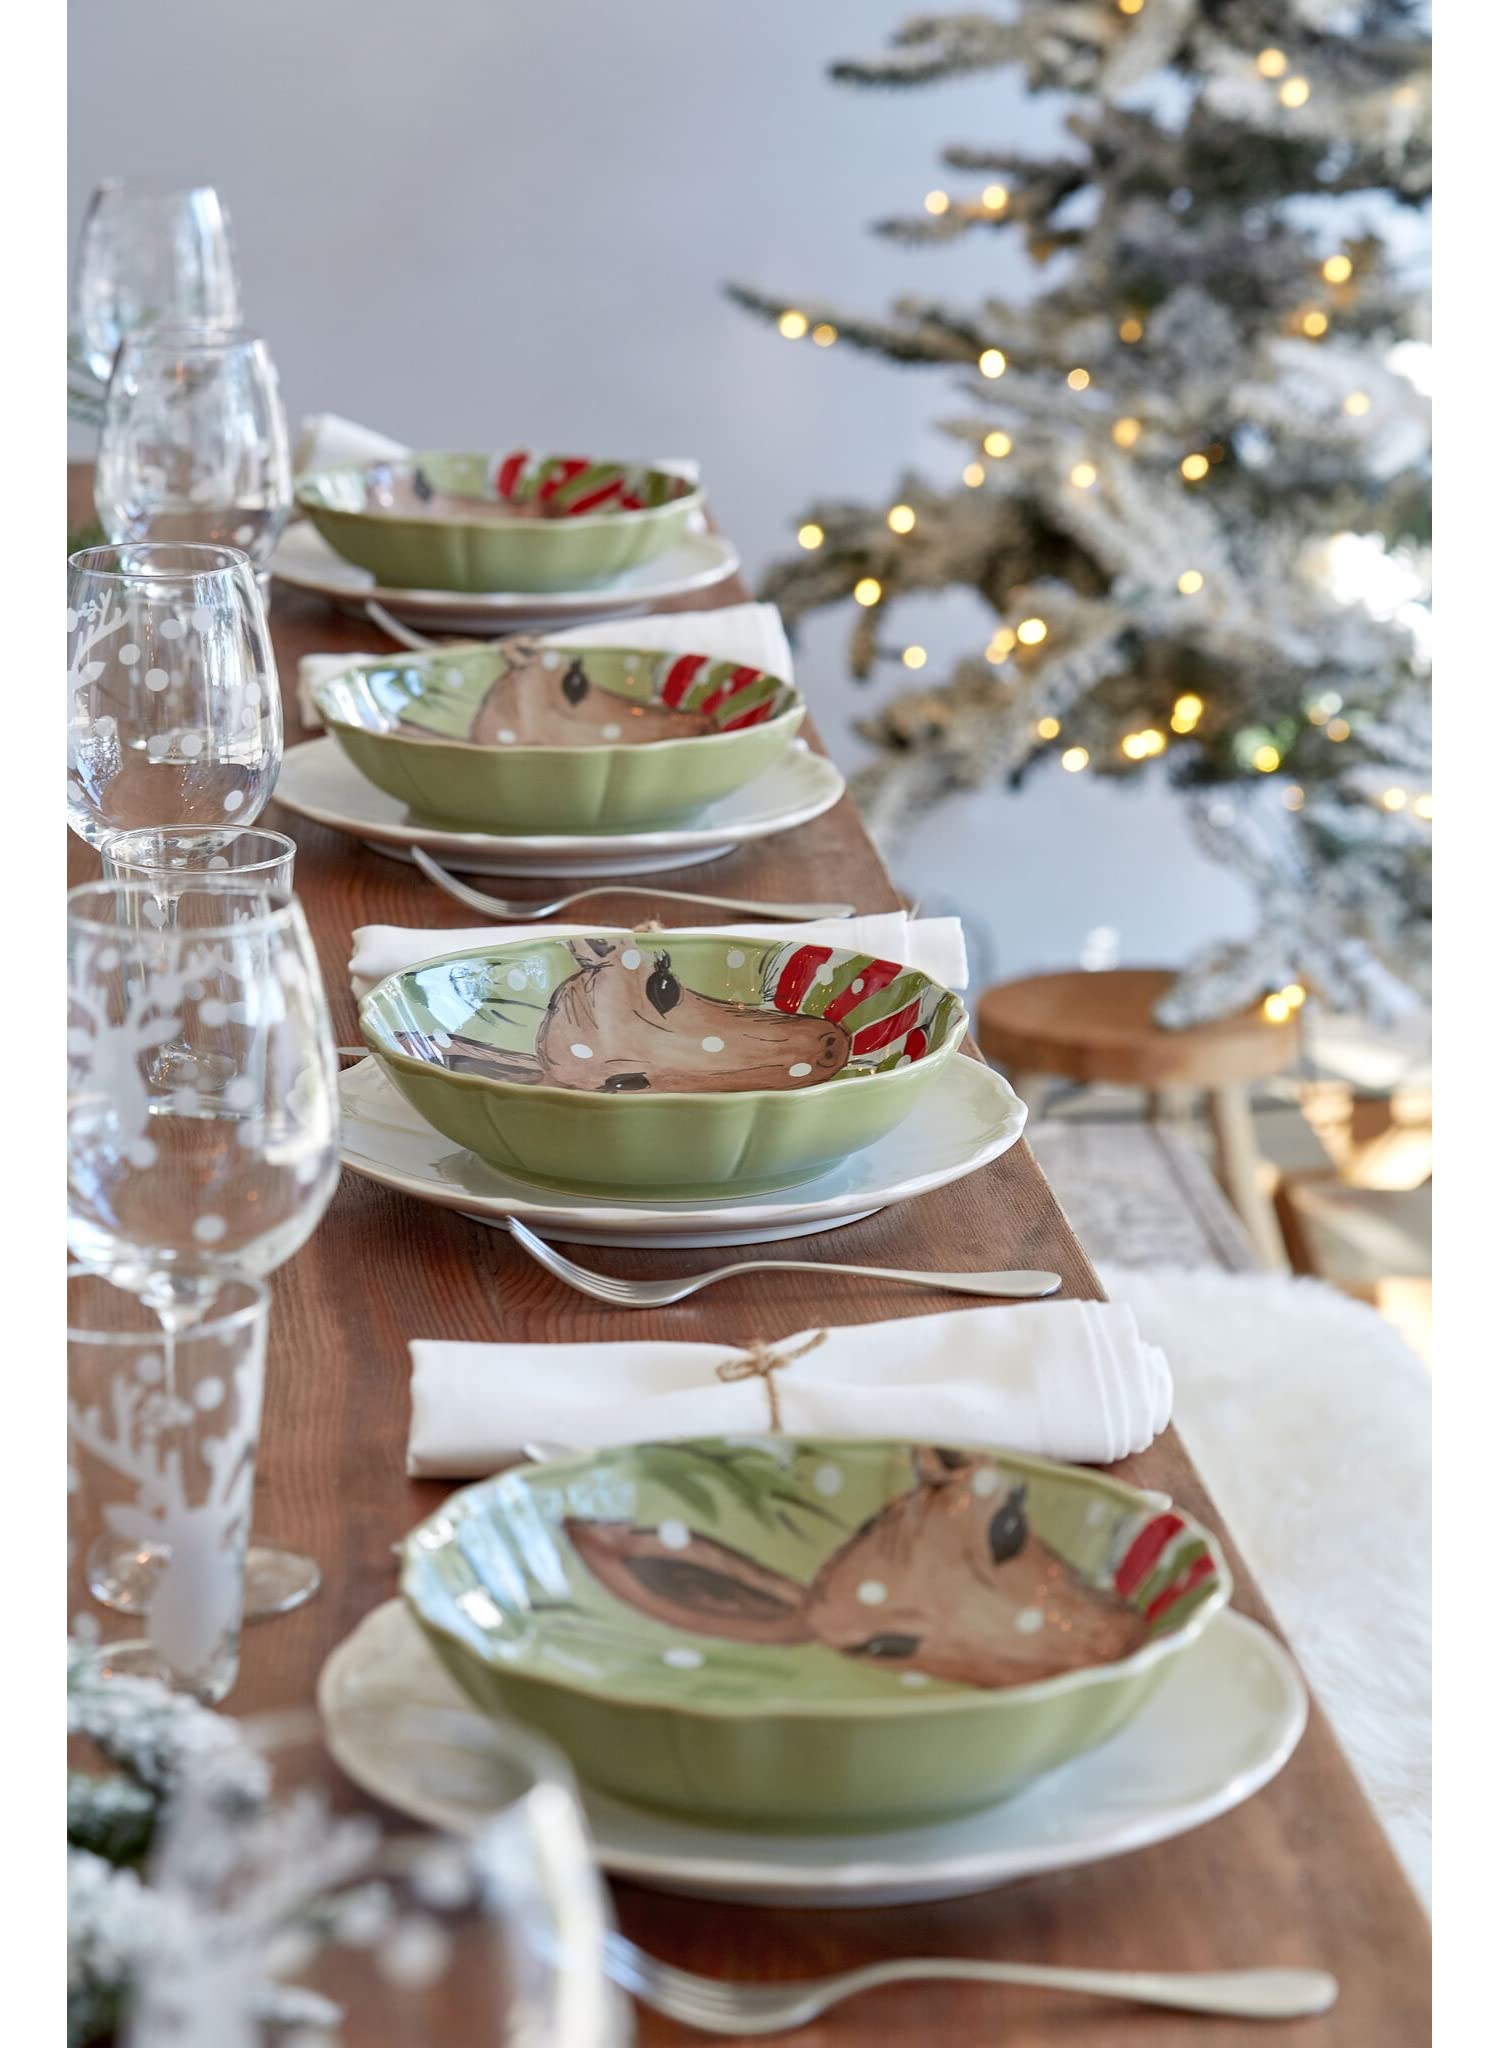 Salad Plates set of 4 green dessert Casafina Deer Friends